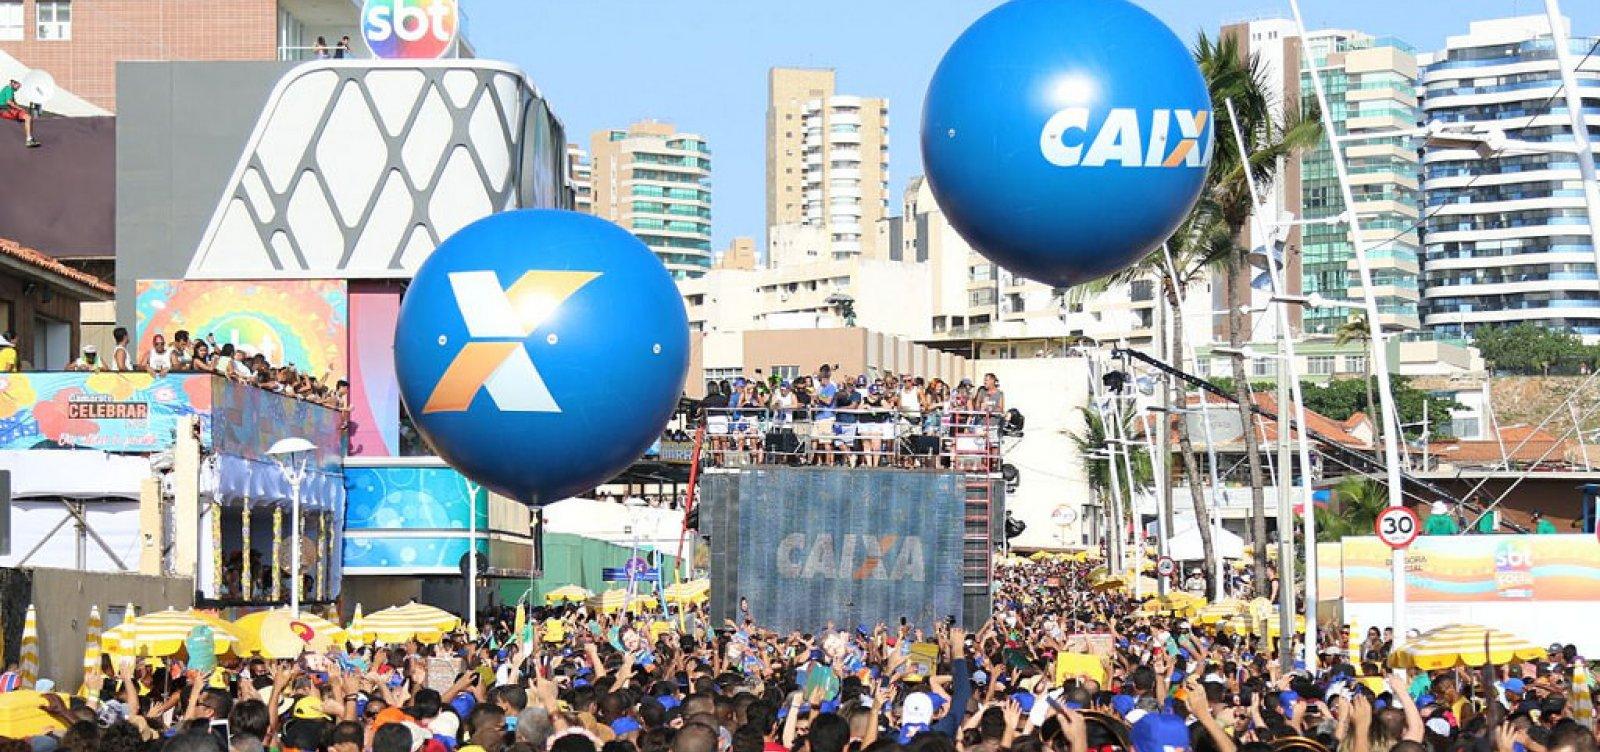 [Divulgada programação do Carnaval de Salvador 2019; confira]